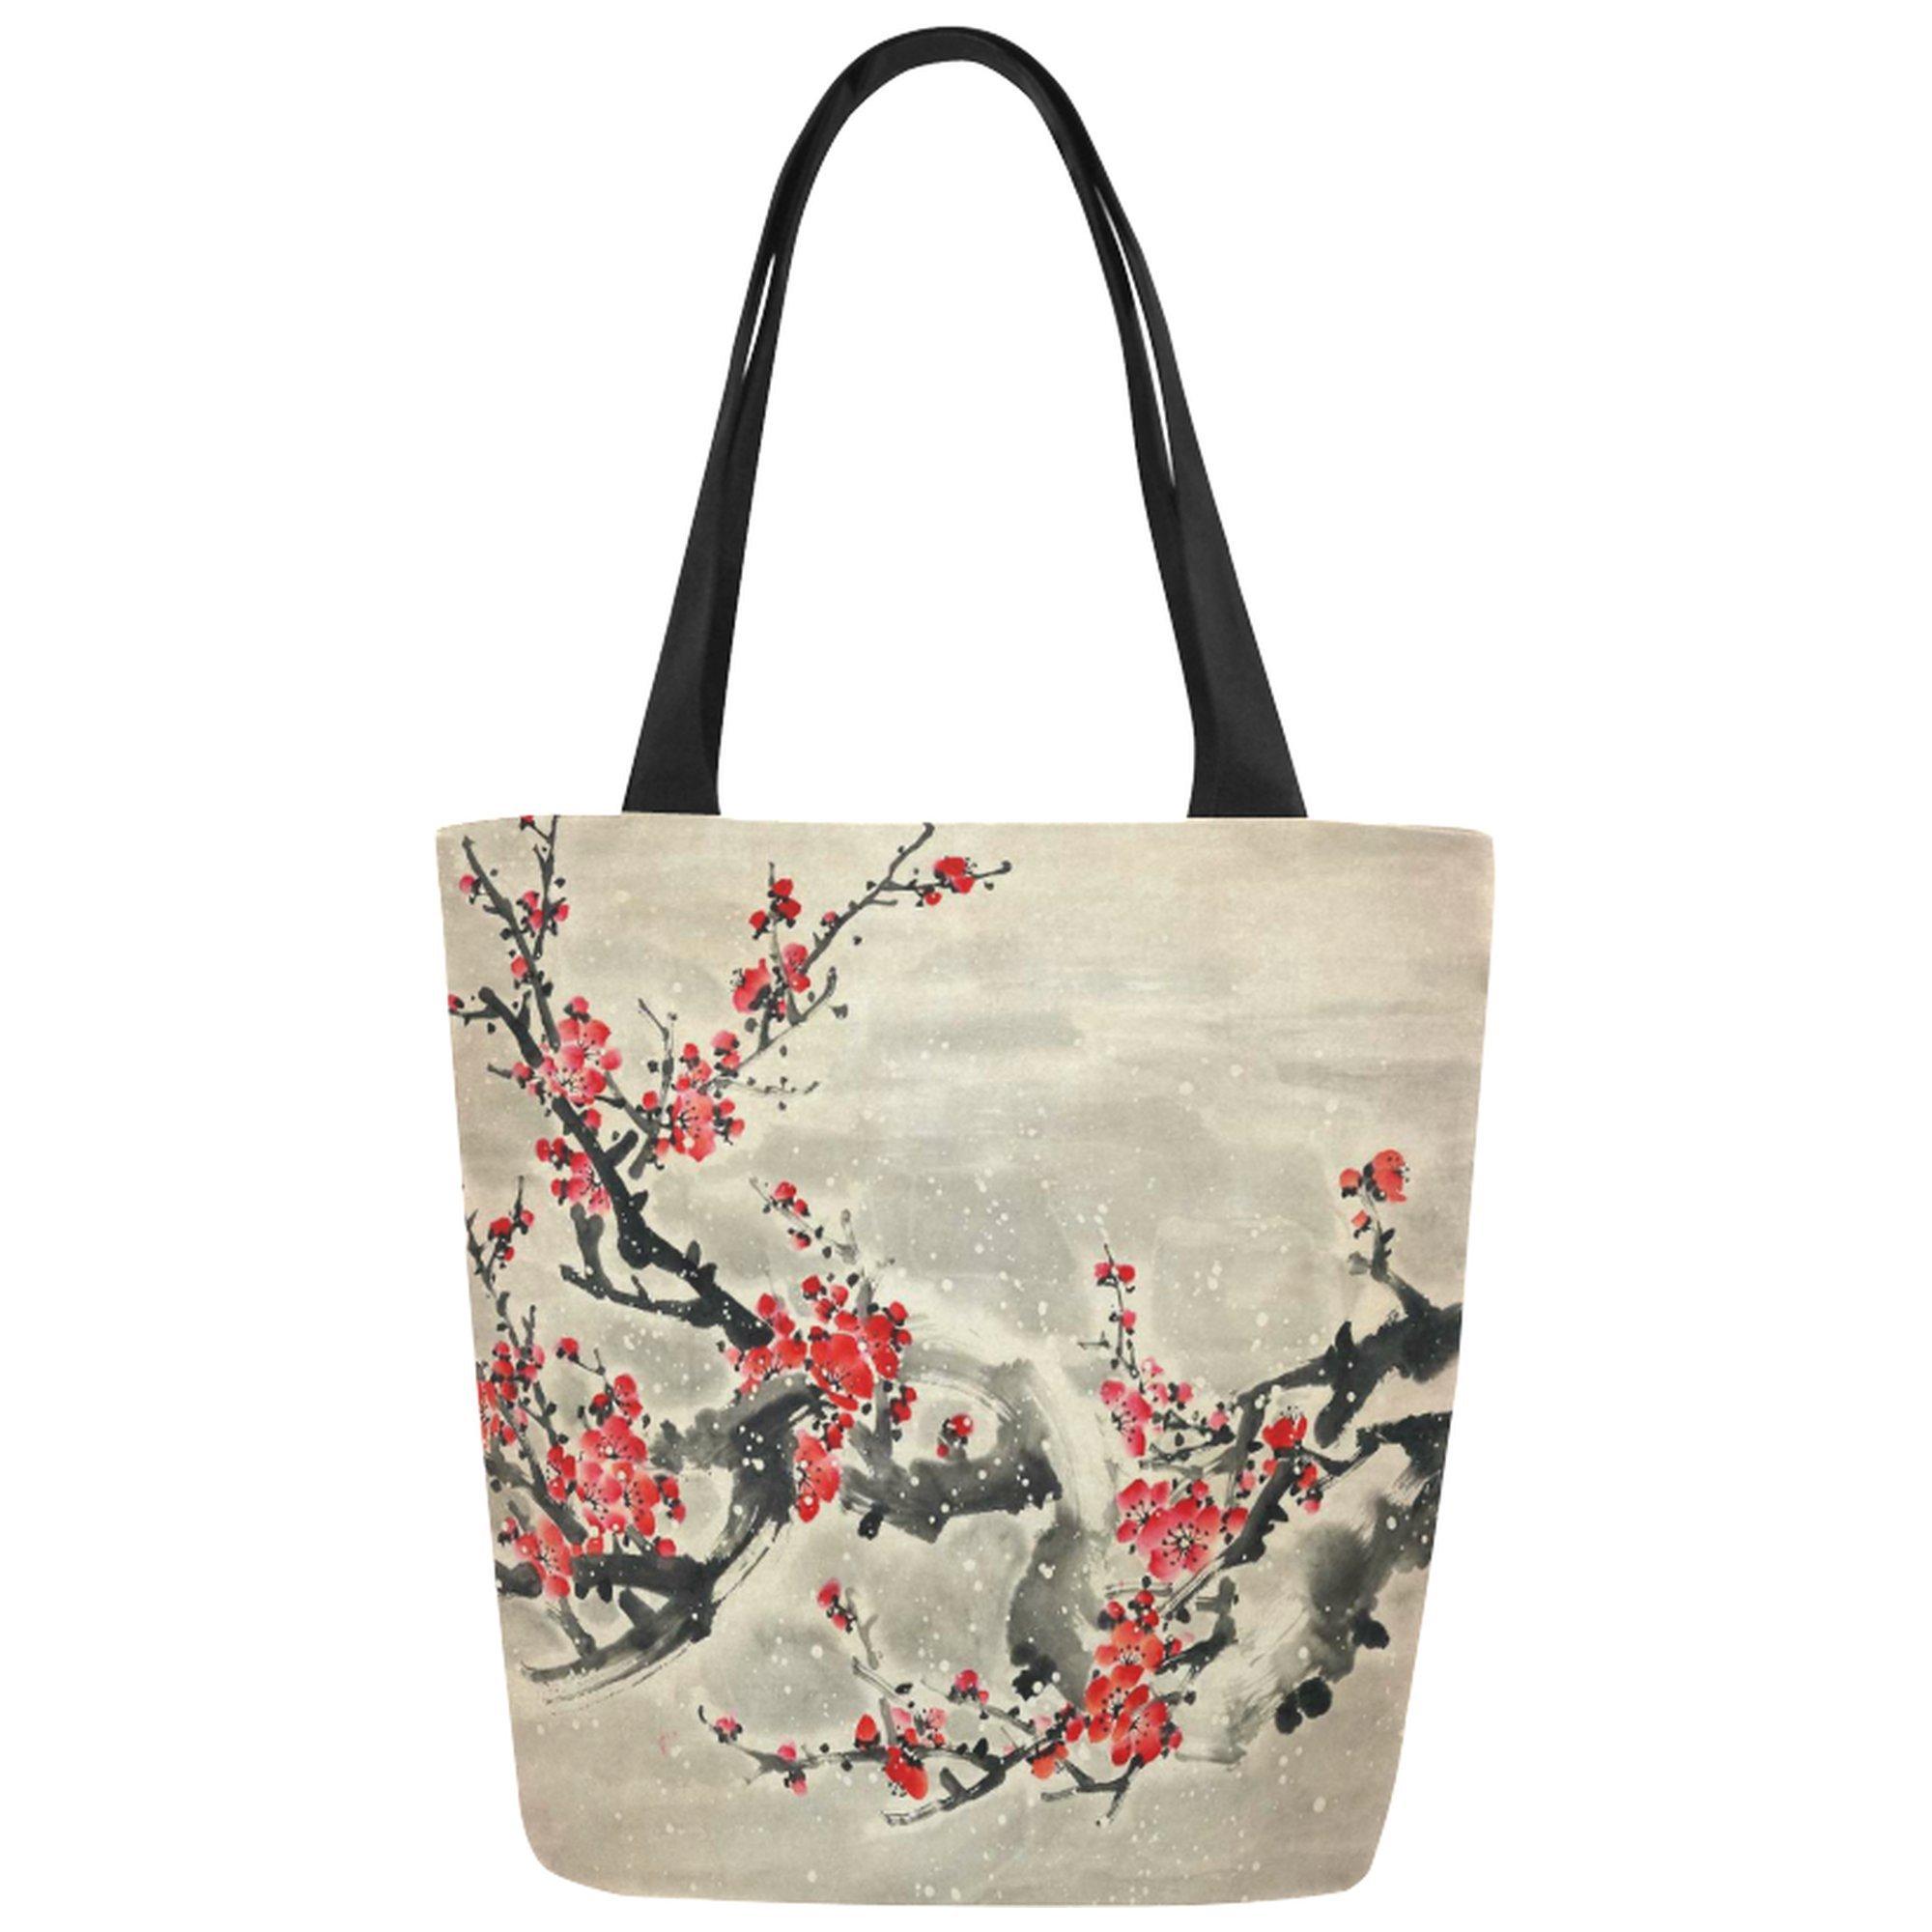 InterestPrint Vintage Plum Blossom Canvas Tote Bag Shoulder Handbag for Women Girls by InterestPrint